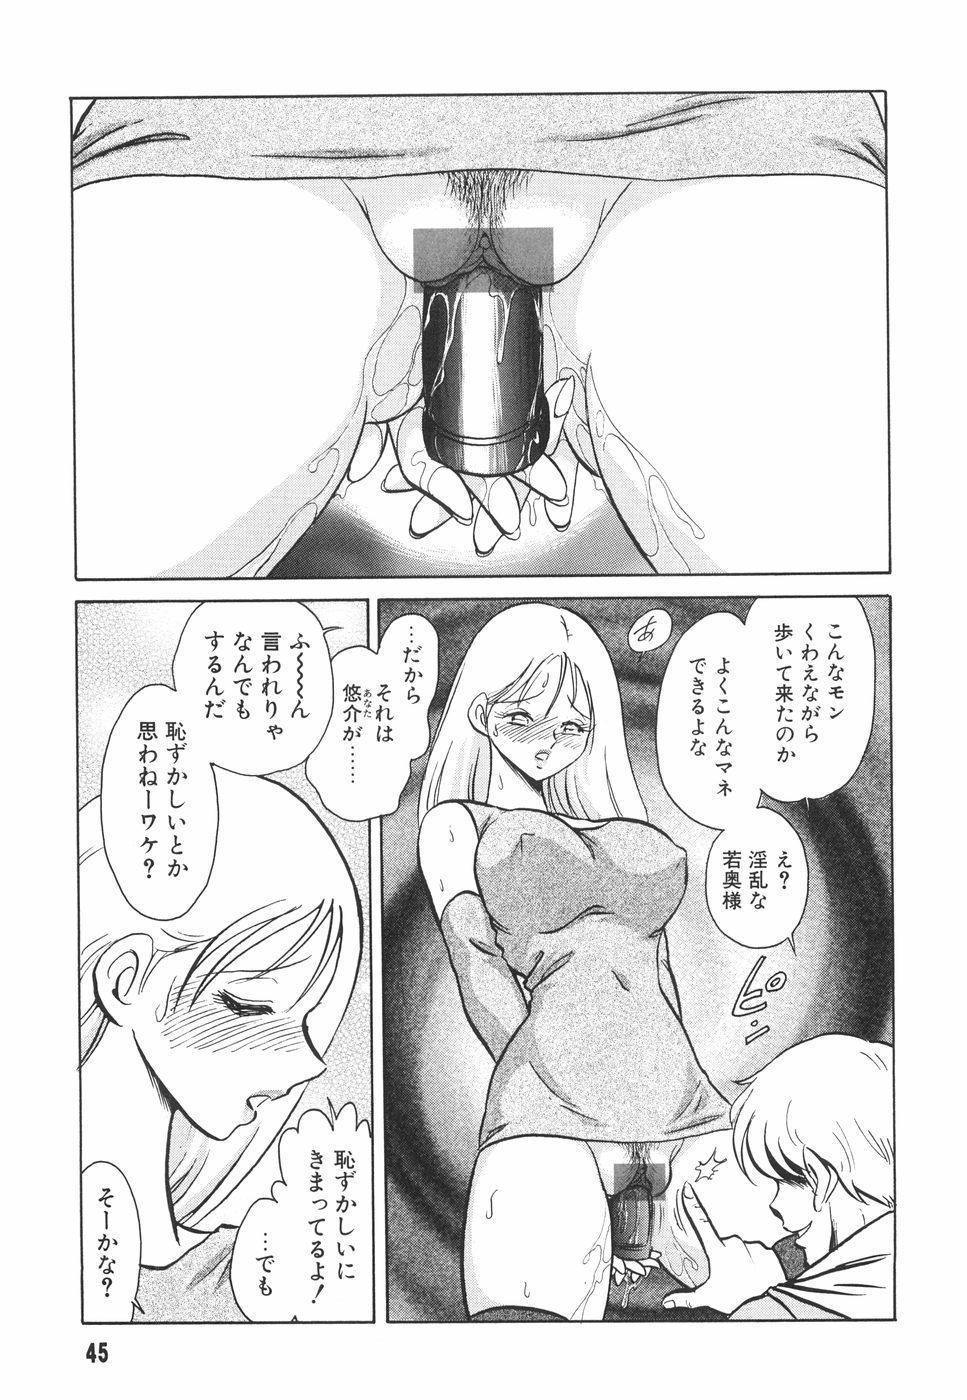 Hazukashime no Jikan 45